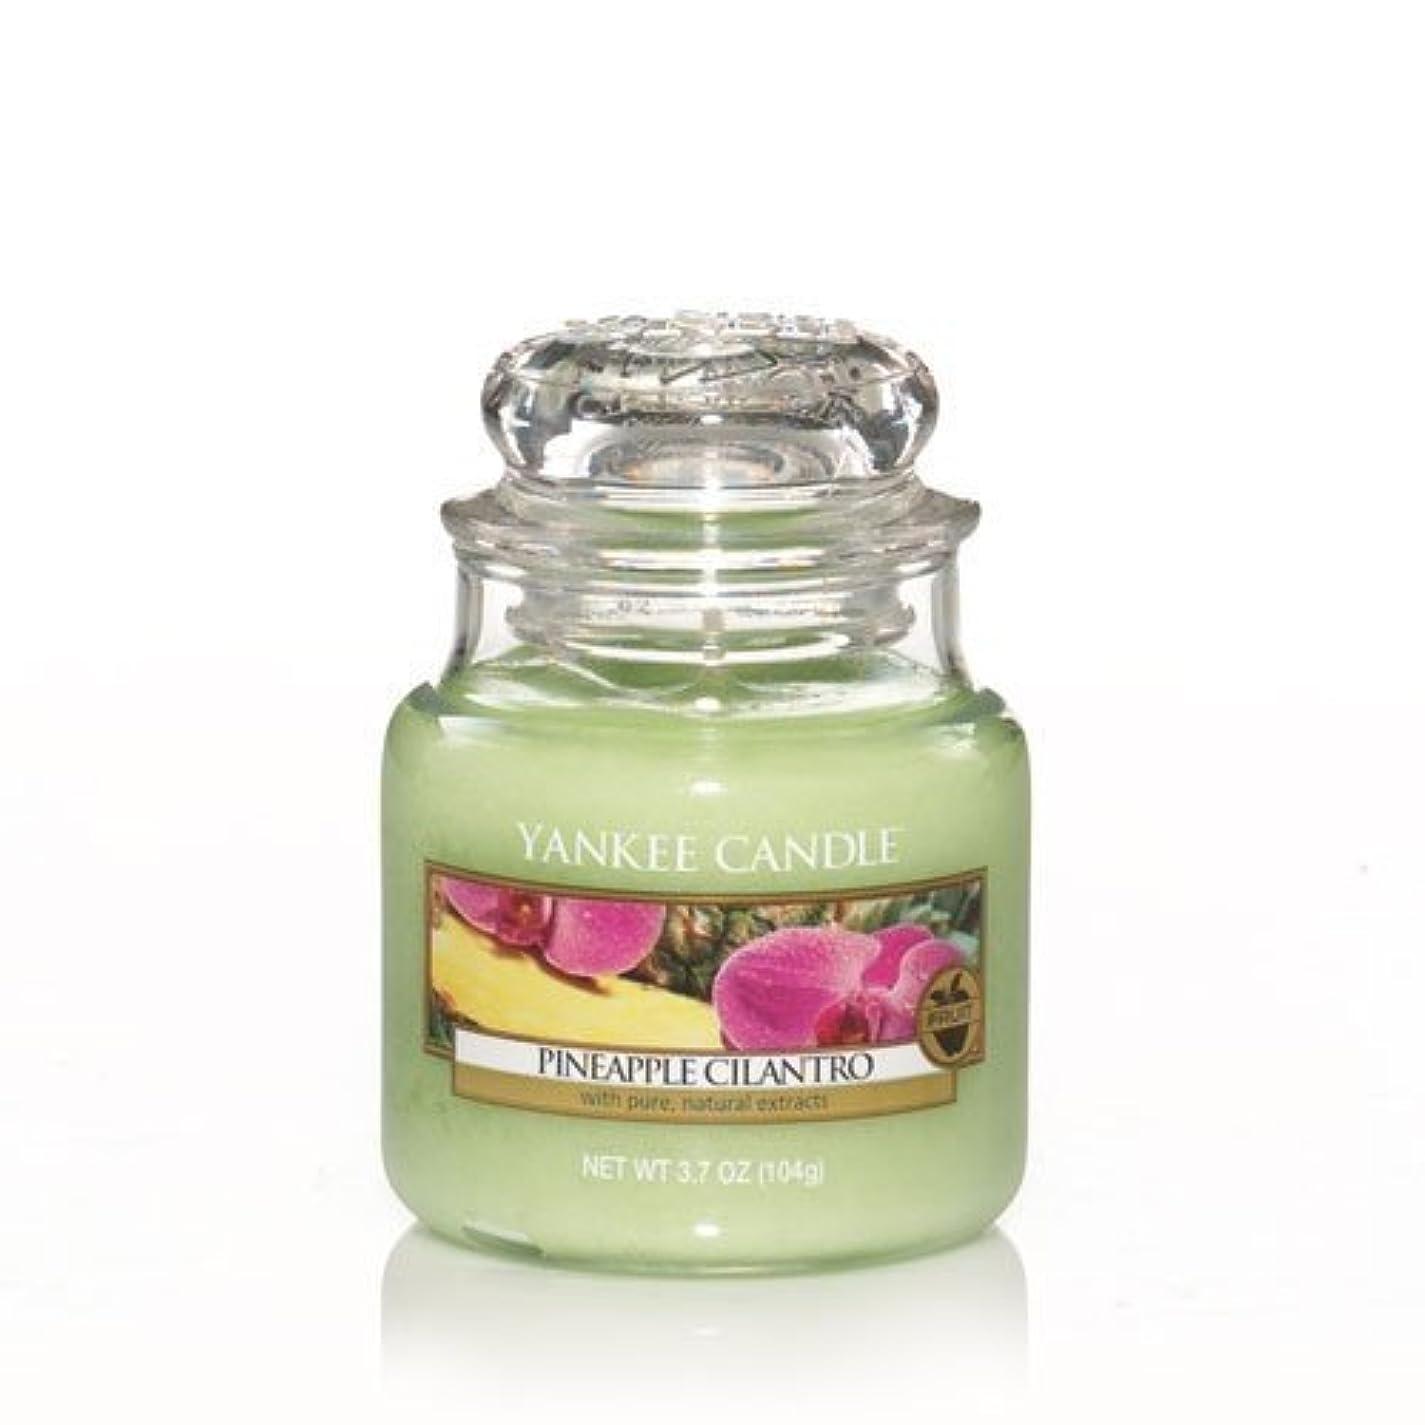 ニッケル推進影響するYankee Candle Pineapple Cilantro Small Jar Candle, Fruit Scent by Yankee Candle Co. [並行輸入品]